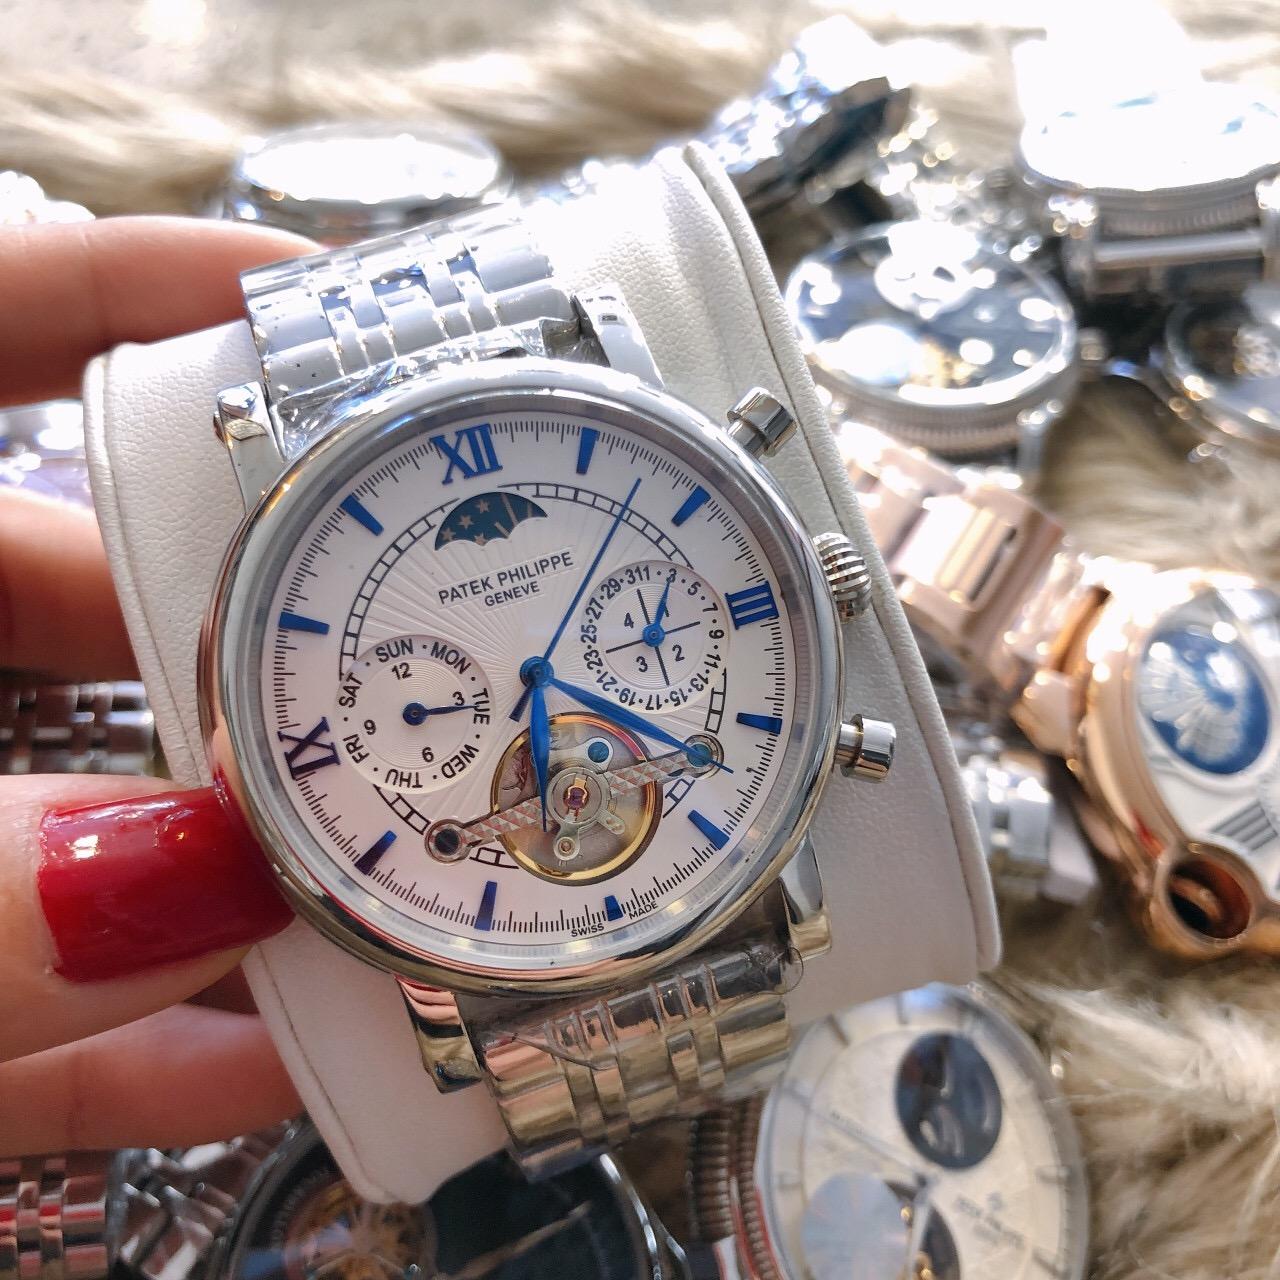 Đôi nét review chân thực nhất về đồng hồ Patek Philippe P83000